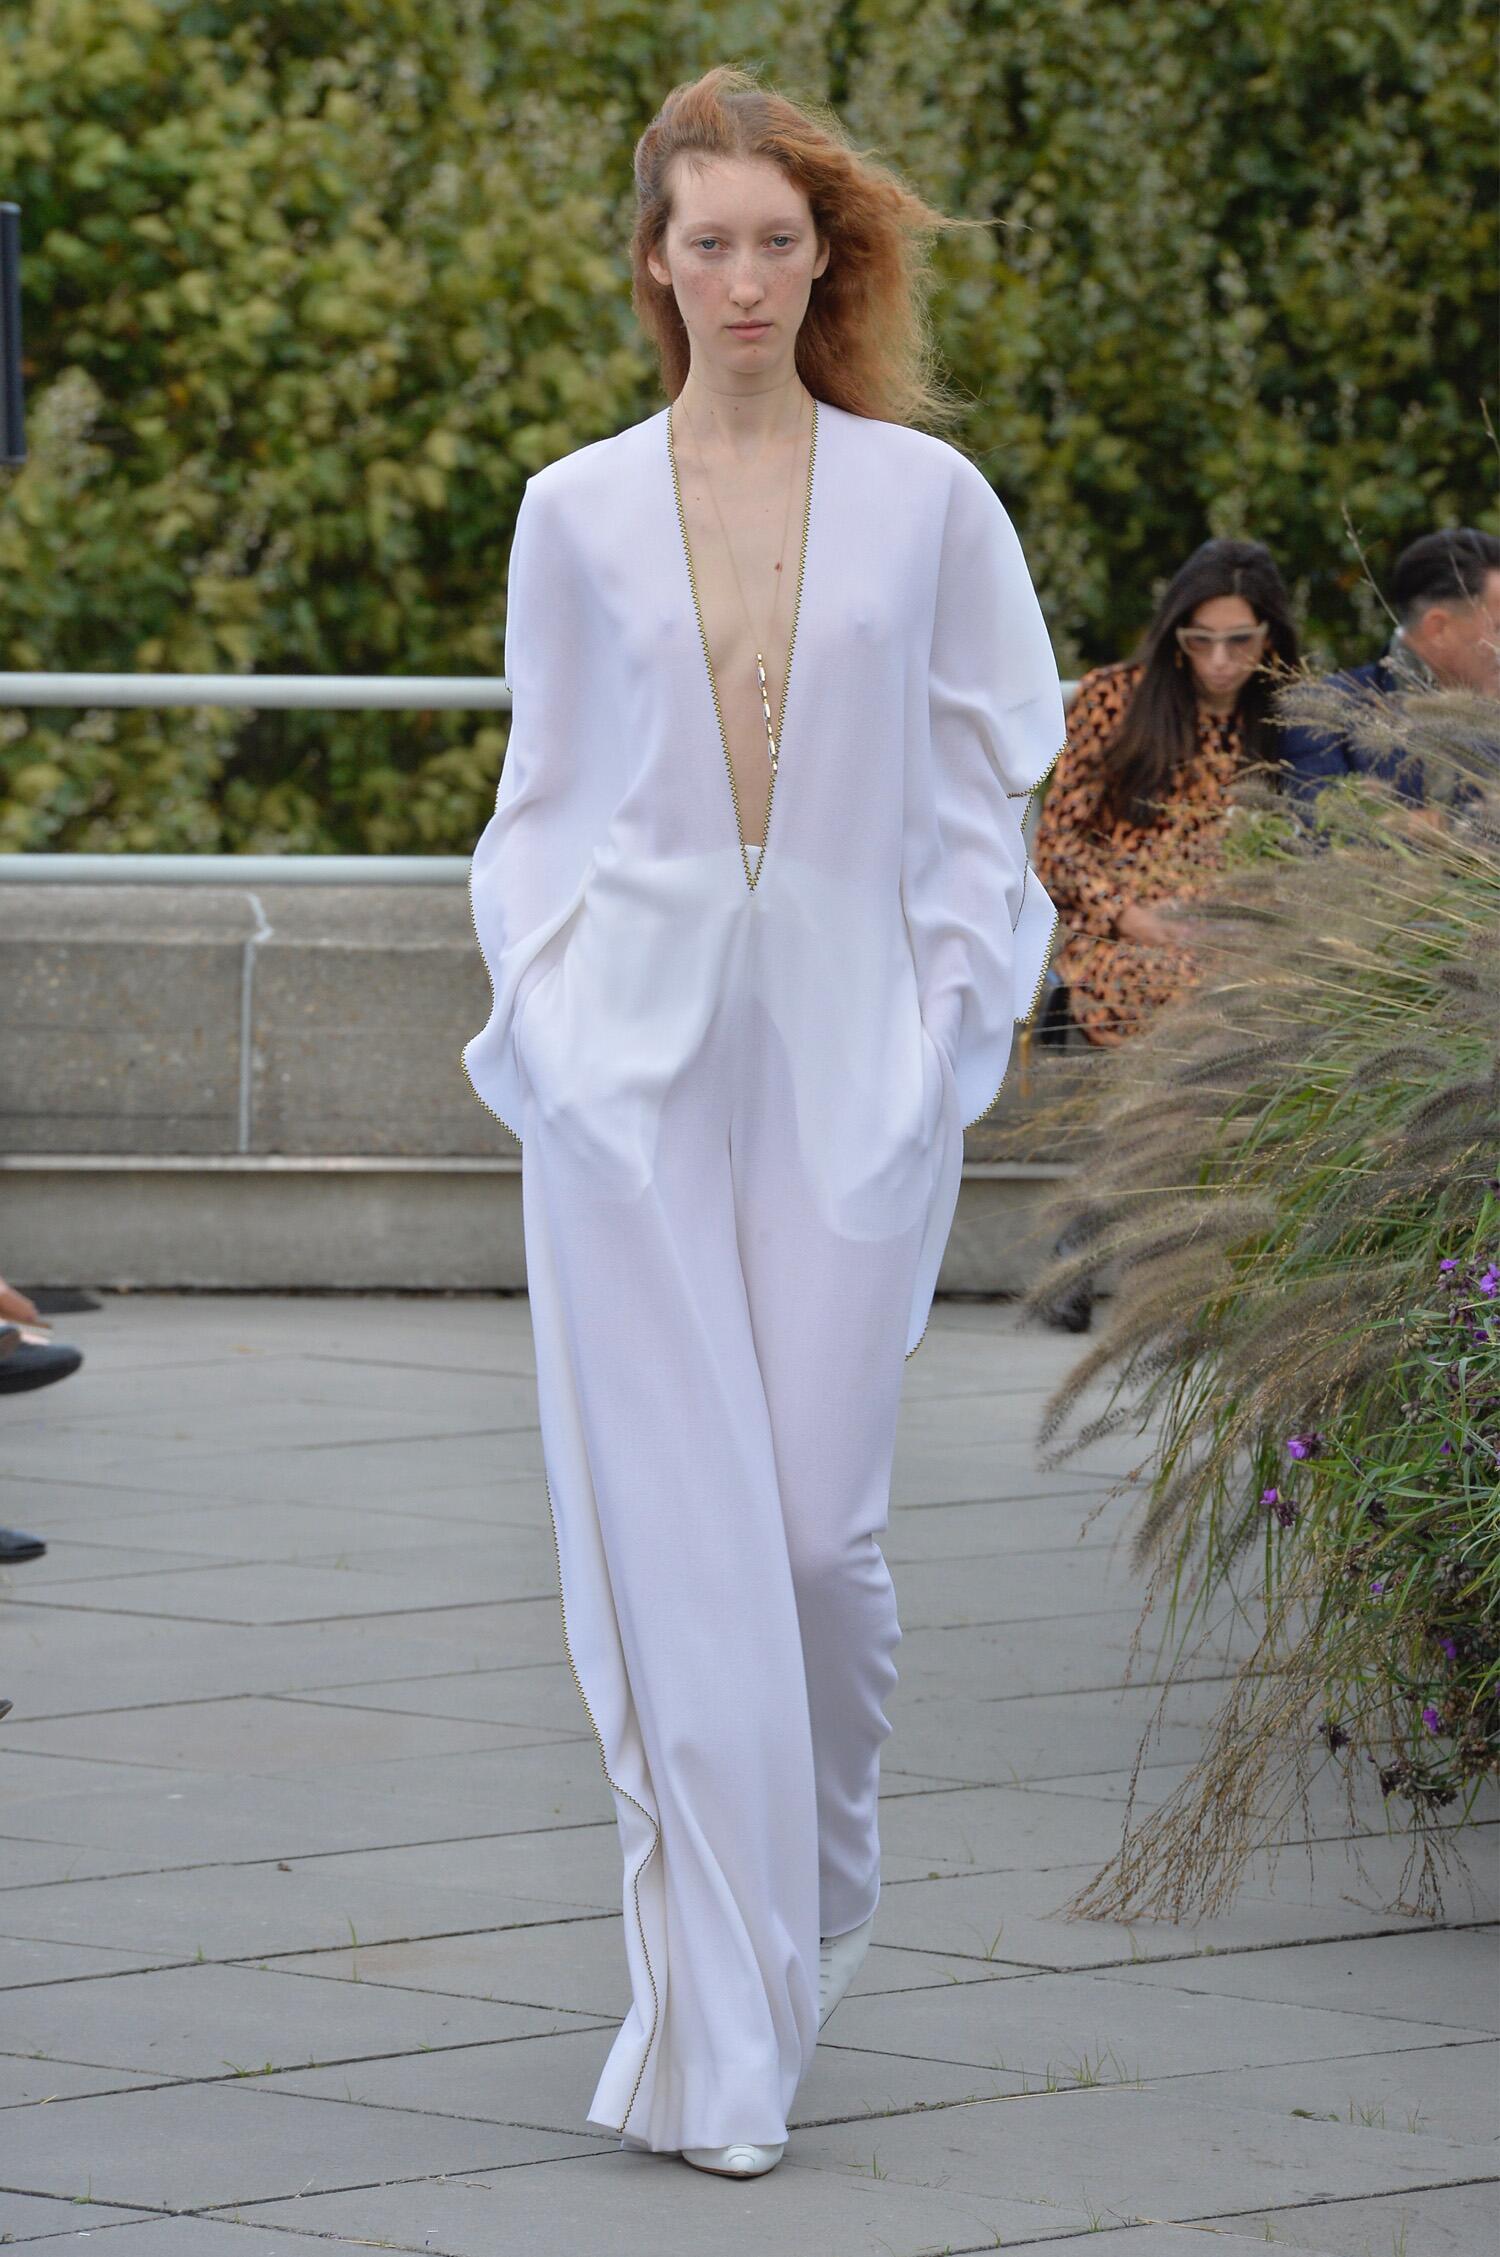 Fashion Woman Model Roland Mouret Catwalk